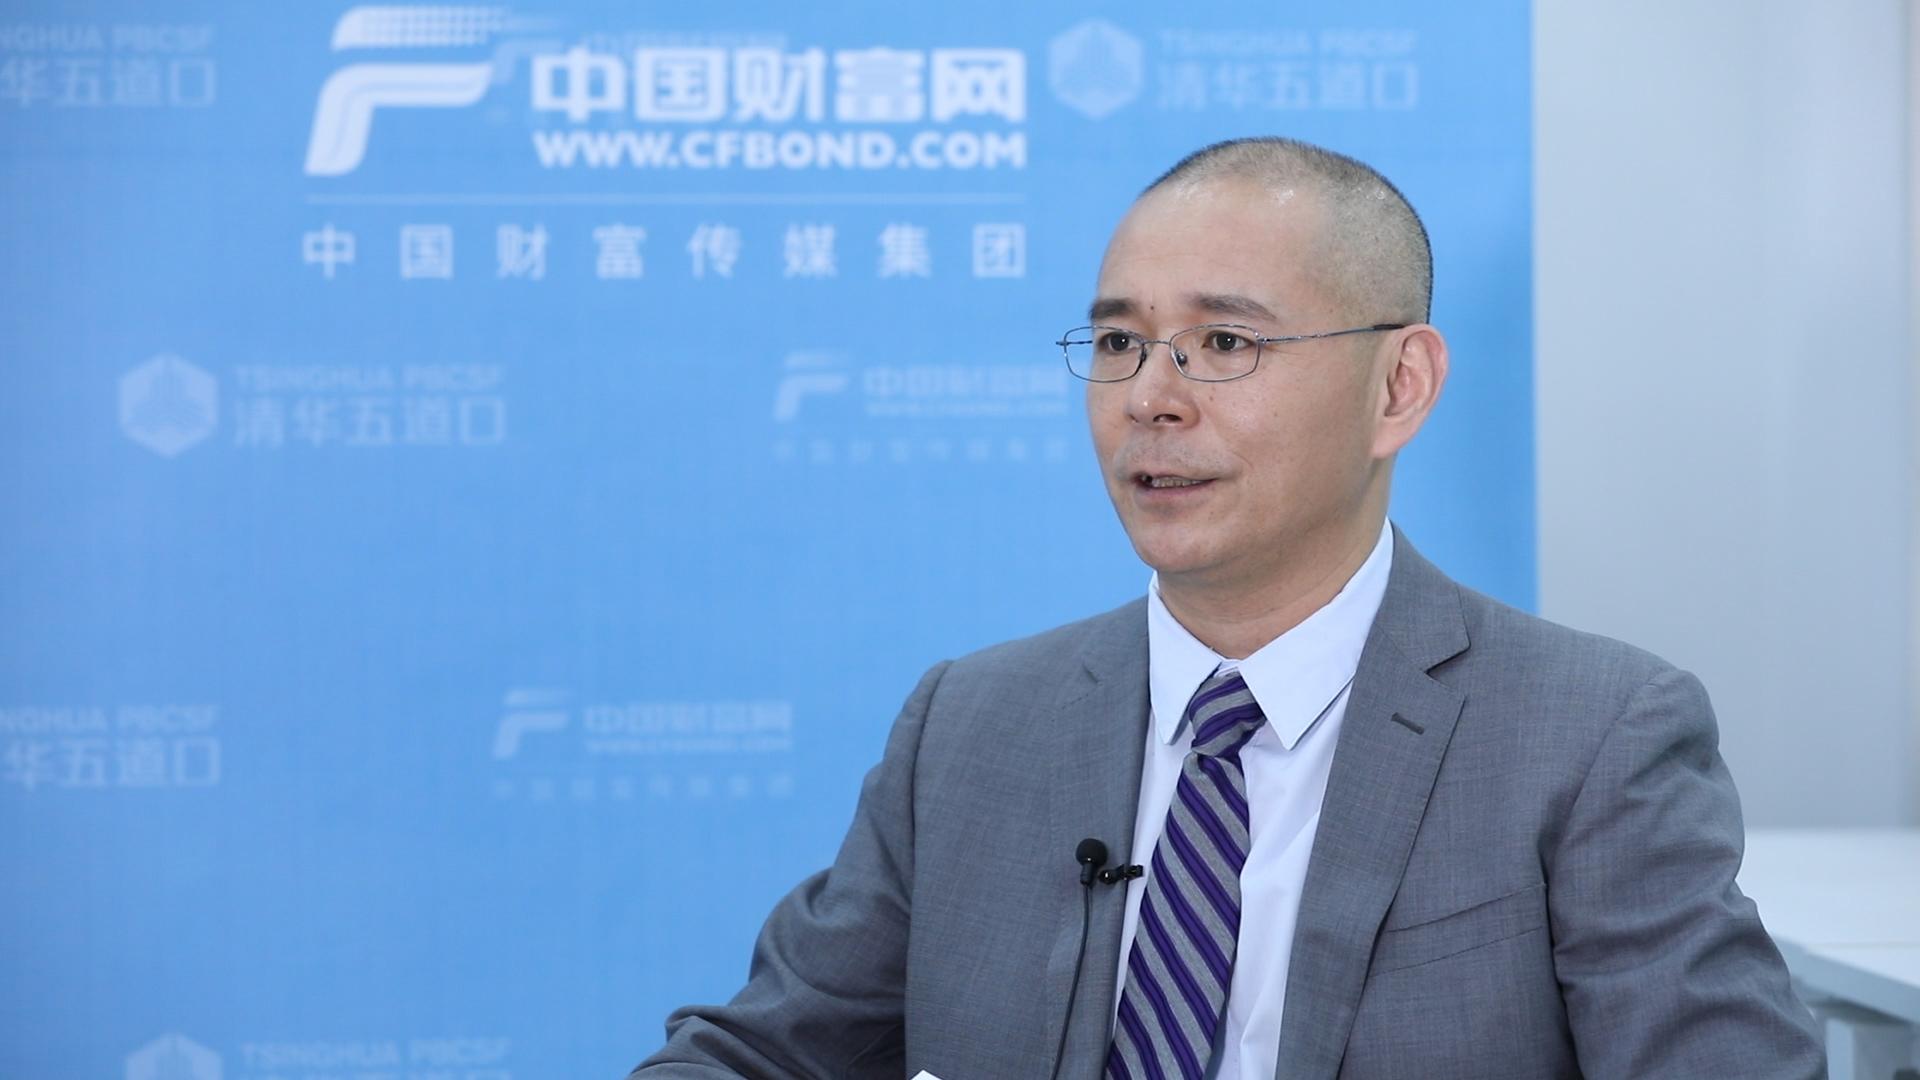 【中国财富报道】何海峰:金融开放是机遇与挑战并存的进程